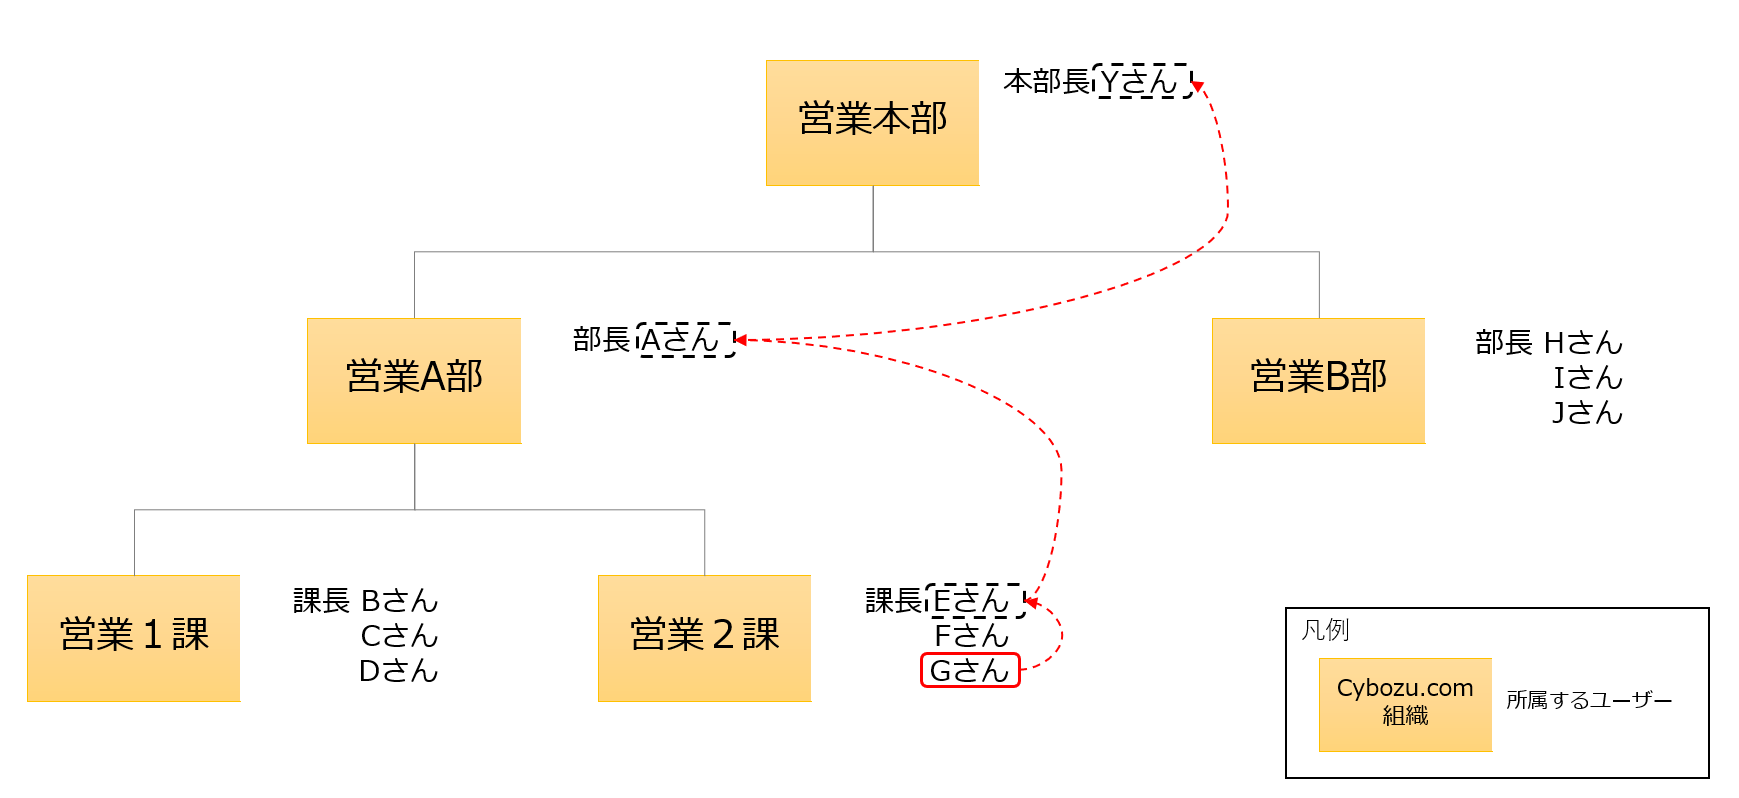 課長が存在する組織の申請経路